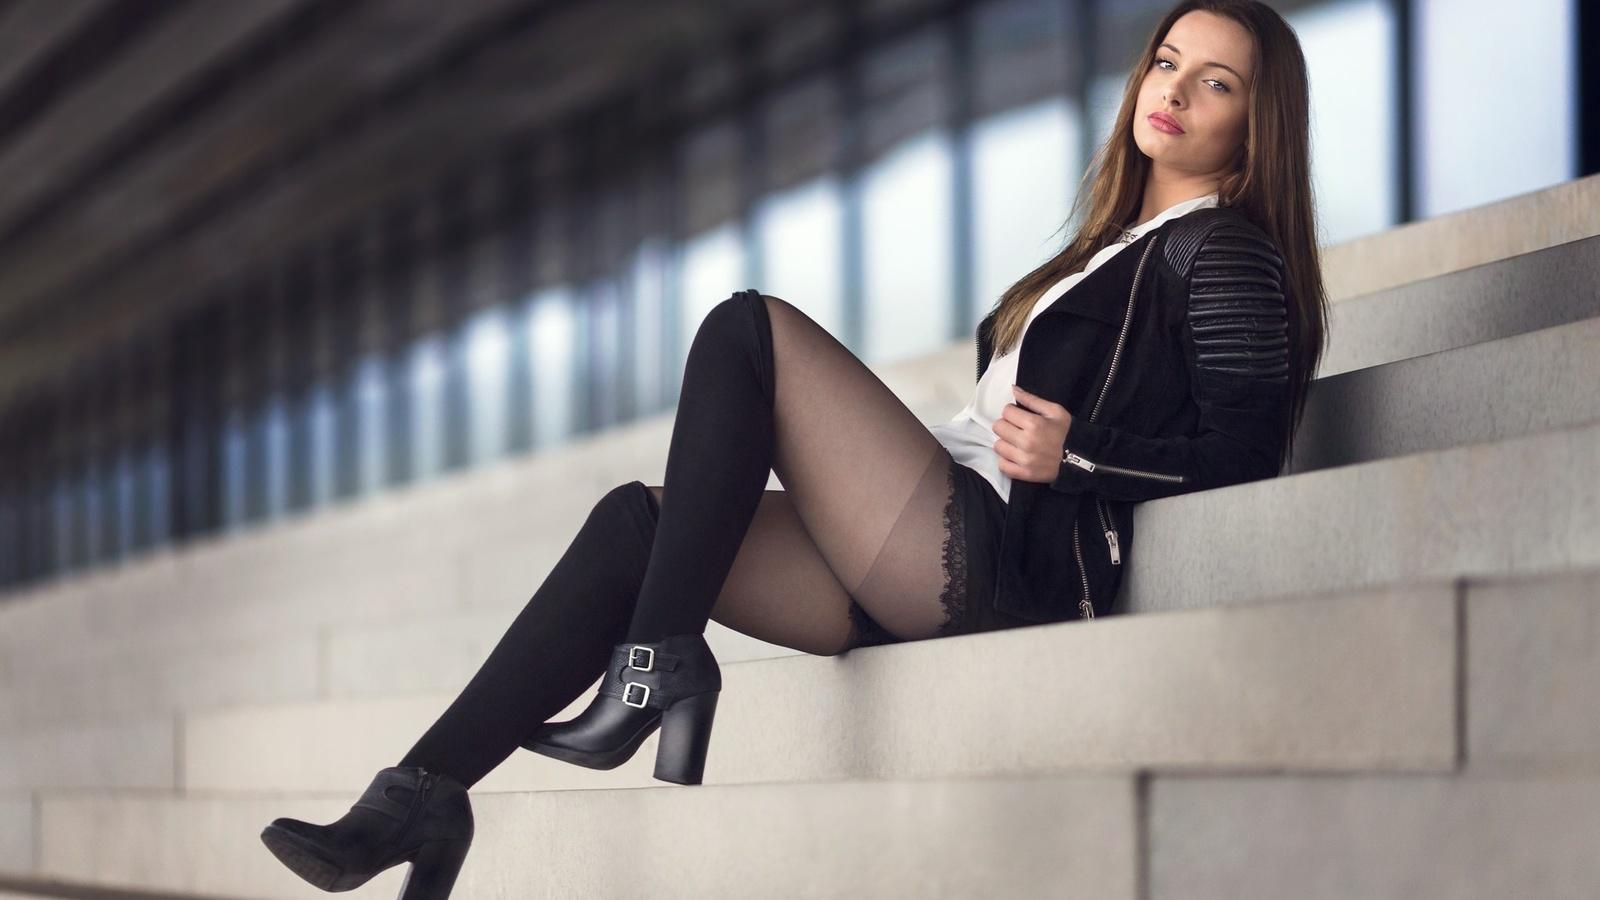 Девушки и модели в чулках или колготках